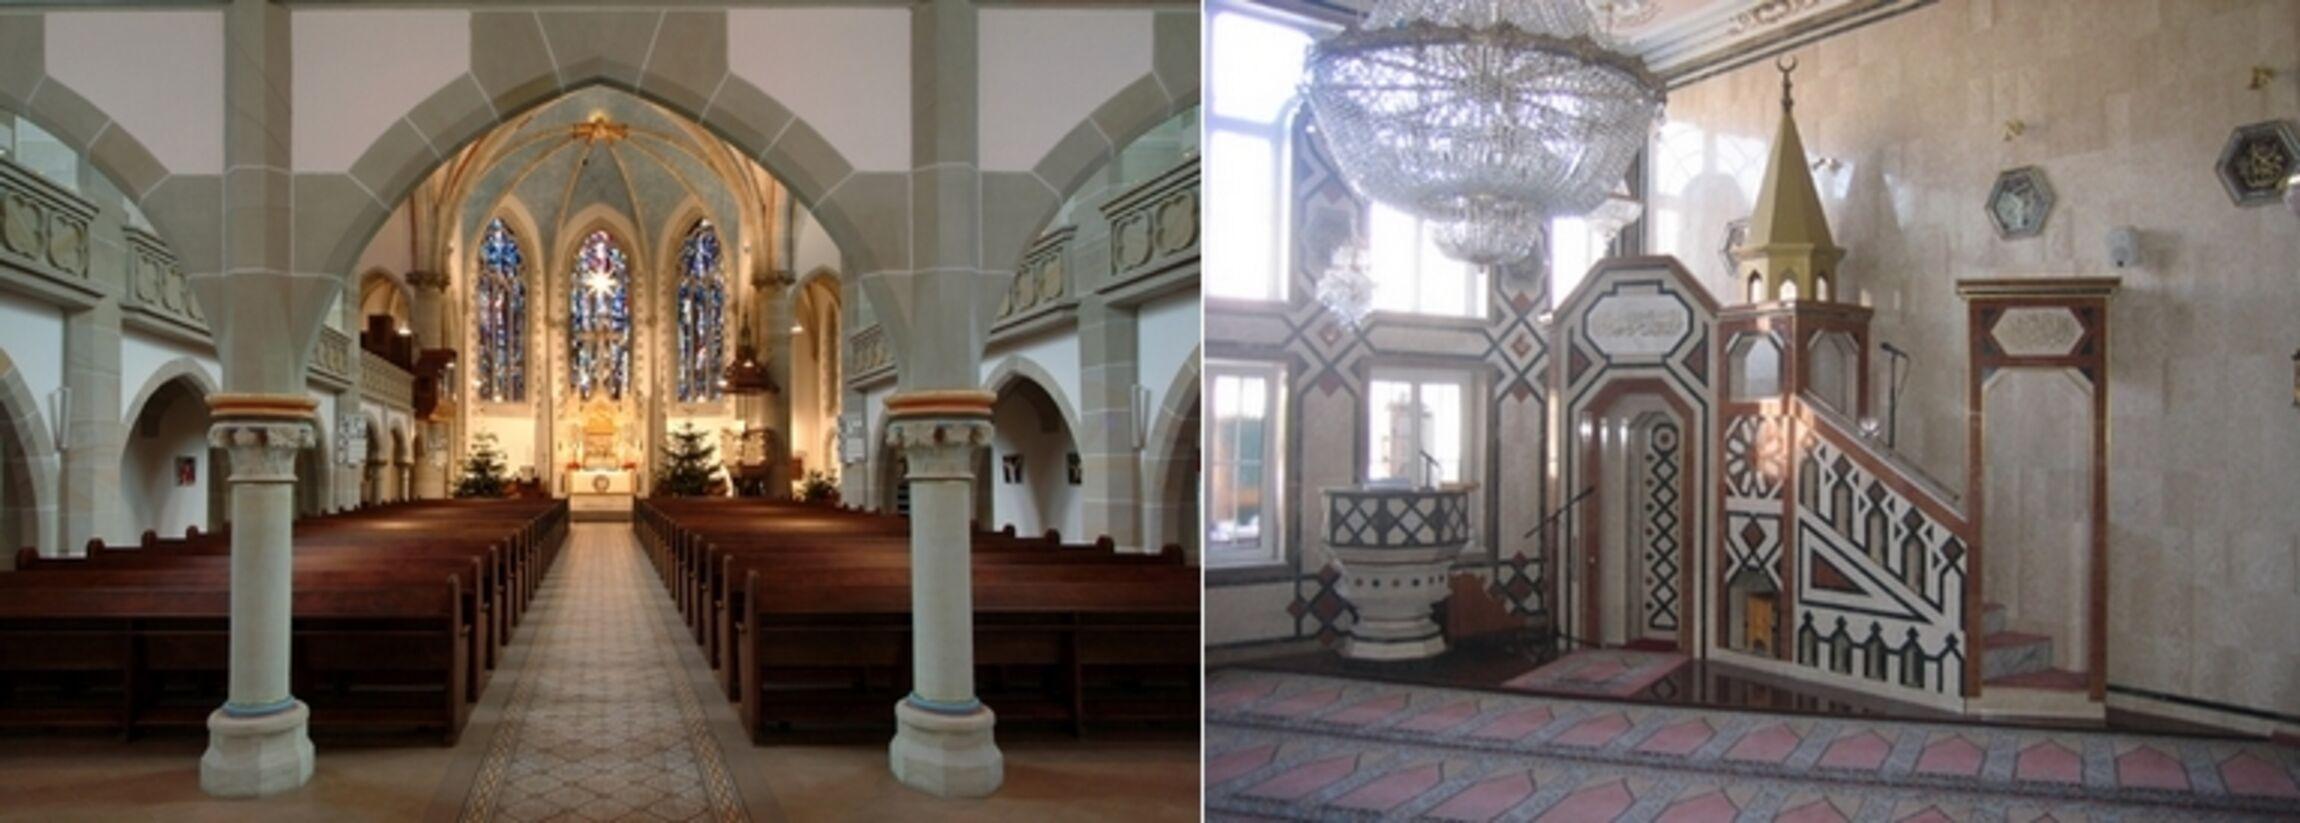 Kirche_Moschee_HkD